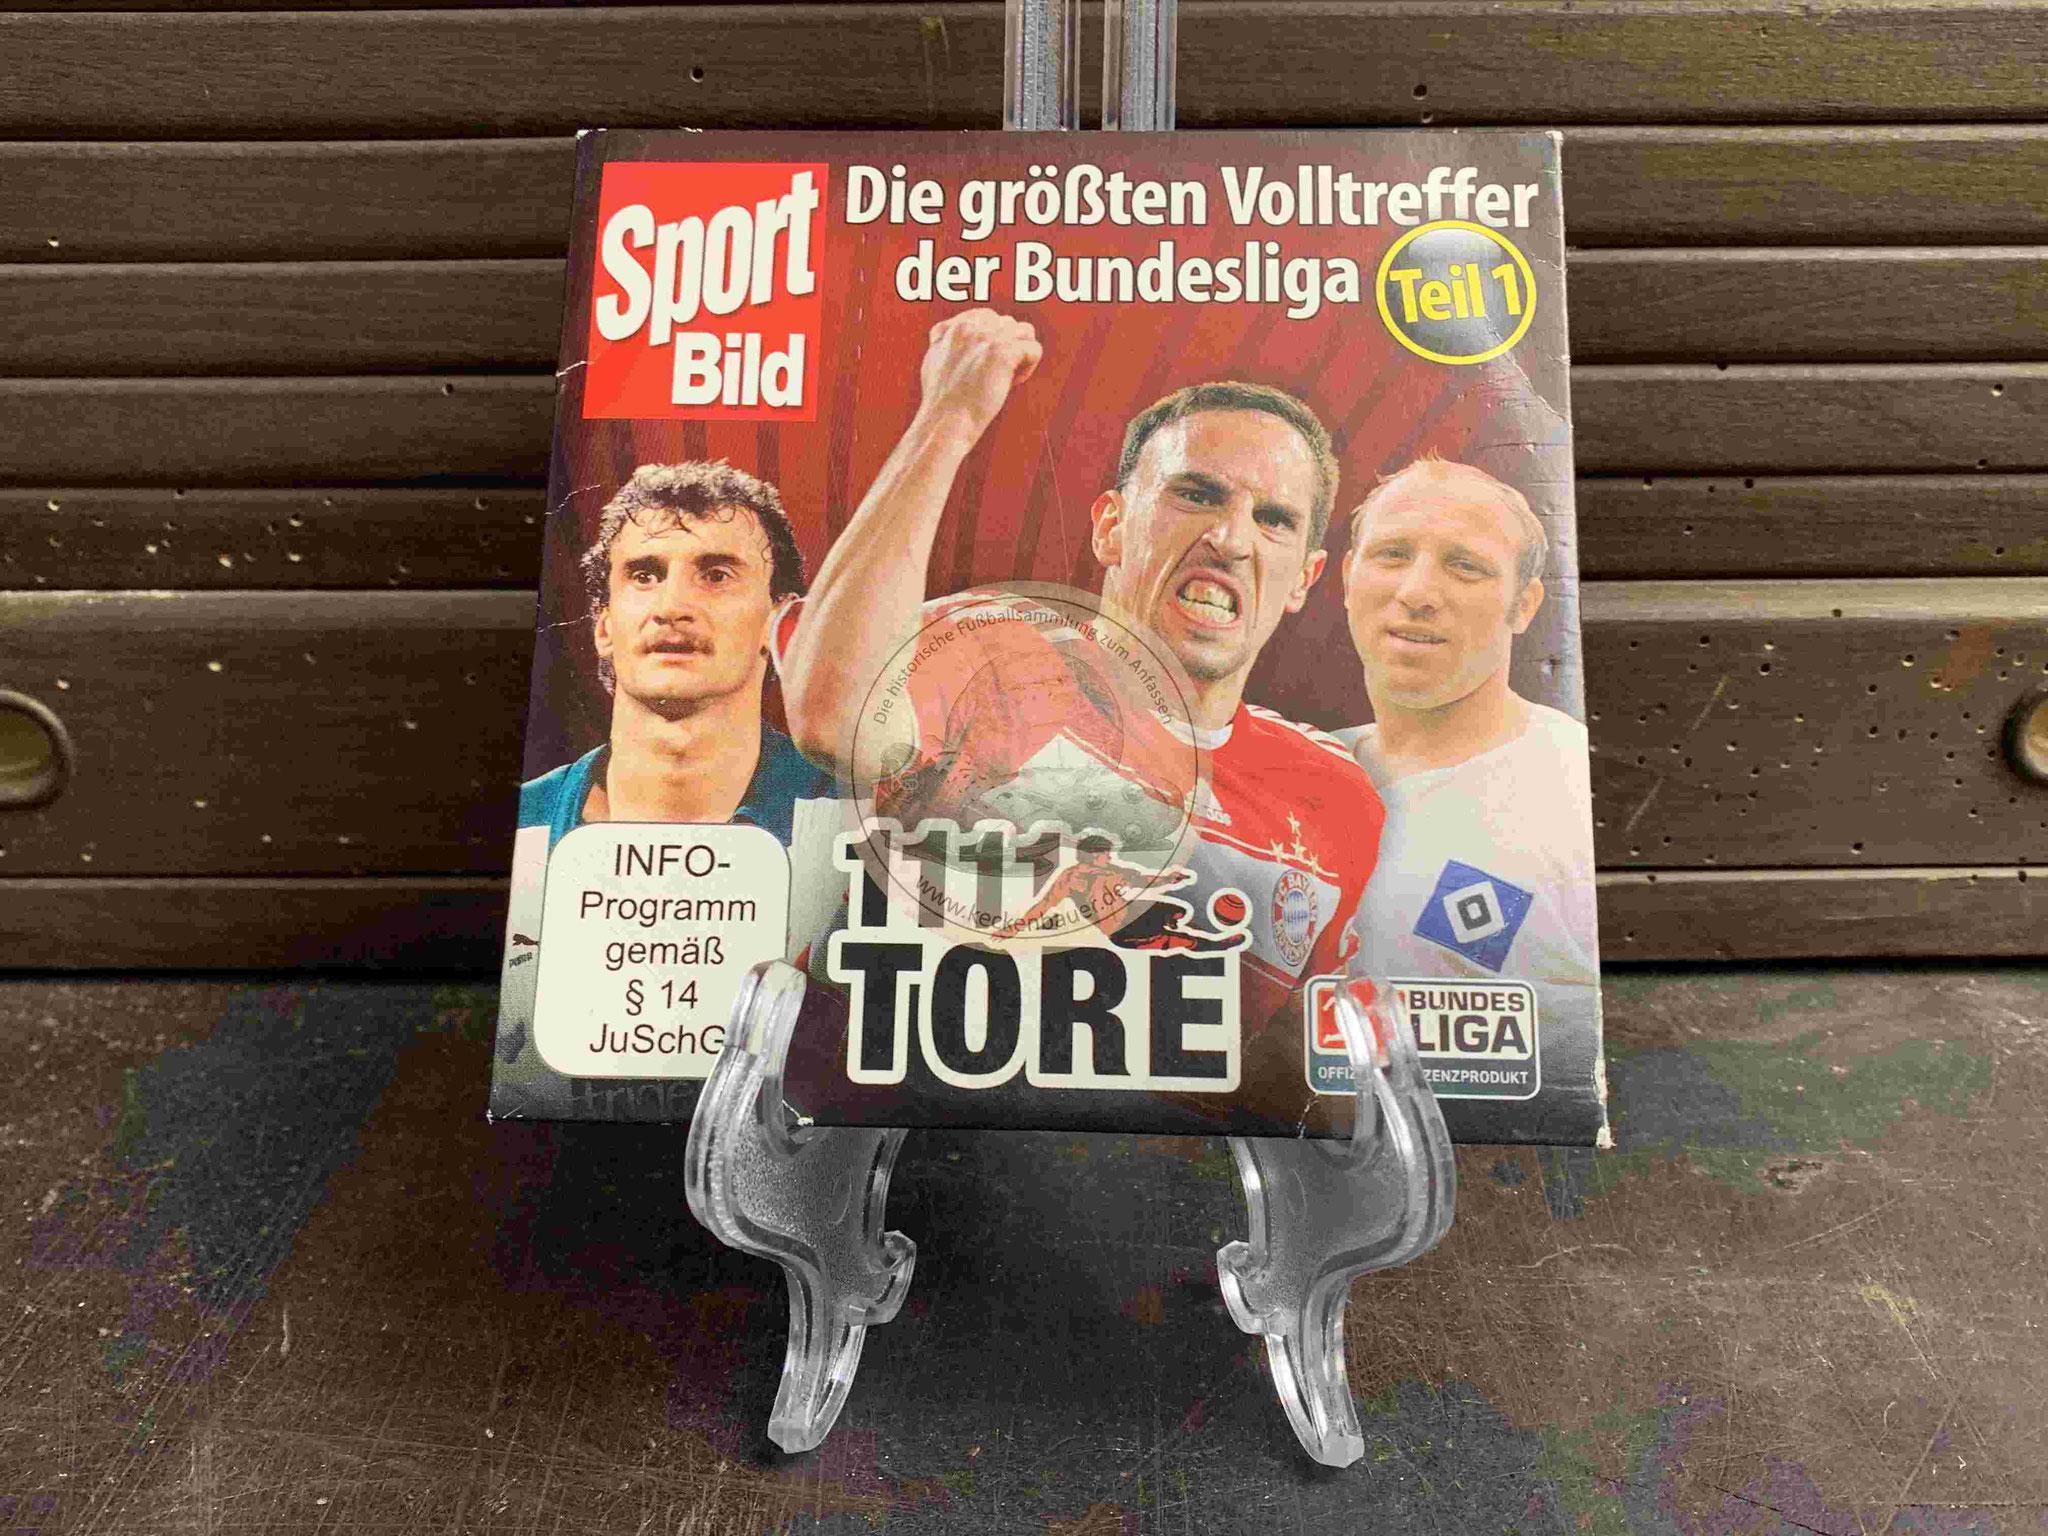 2000 Sportbild Die größten Volltreffer der  Bundesliga Teil 1